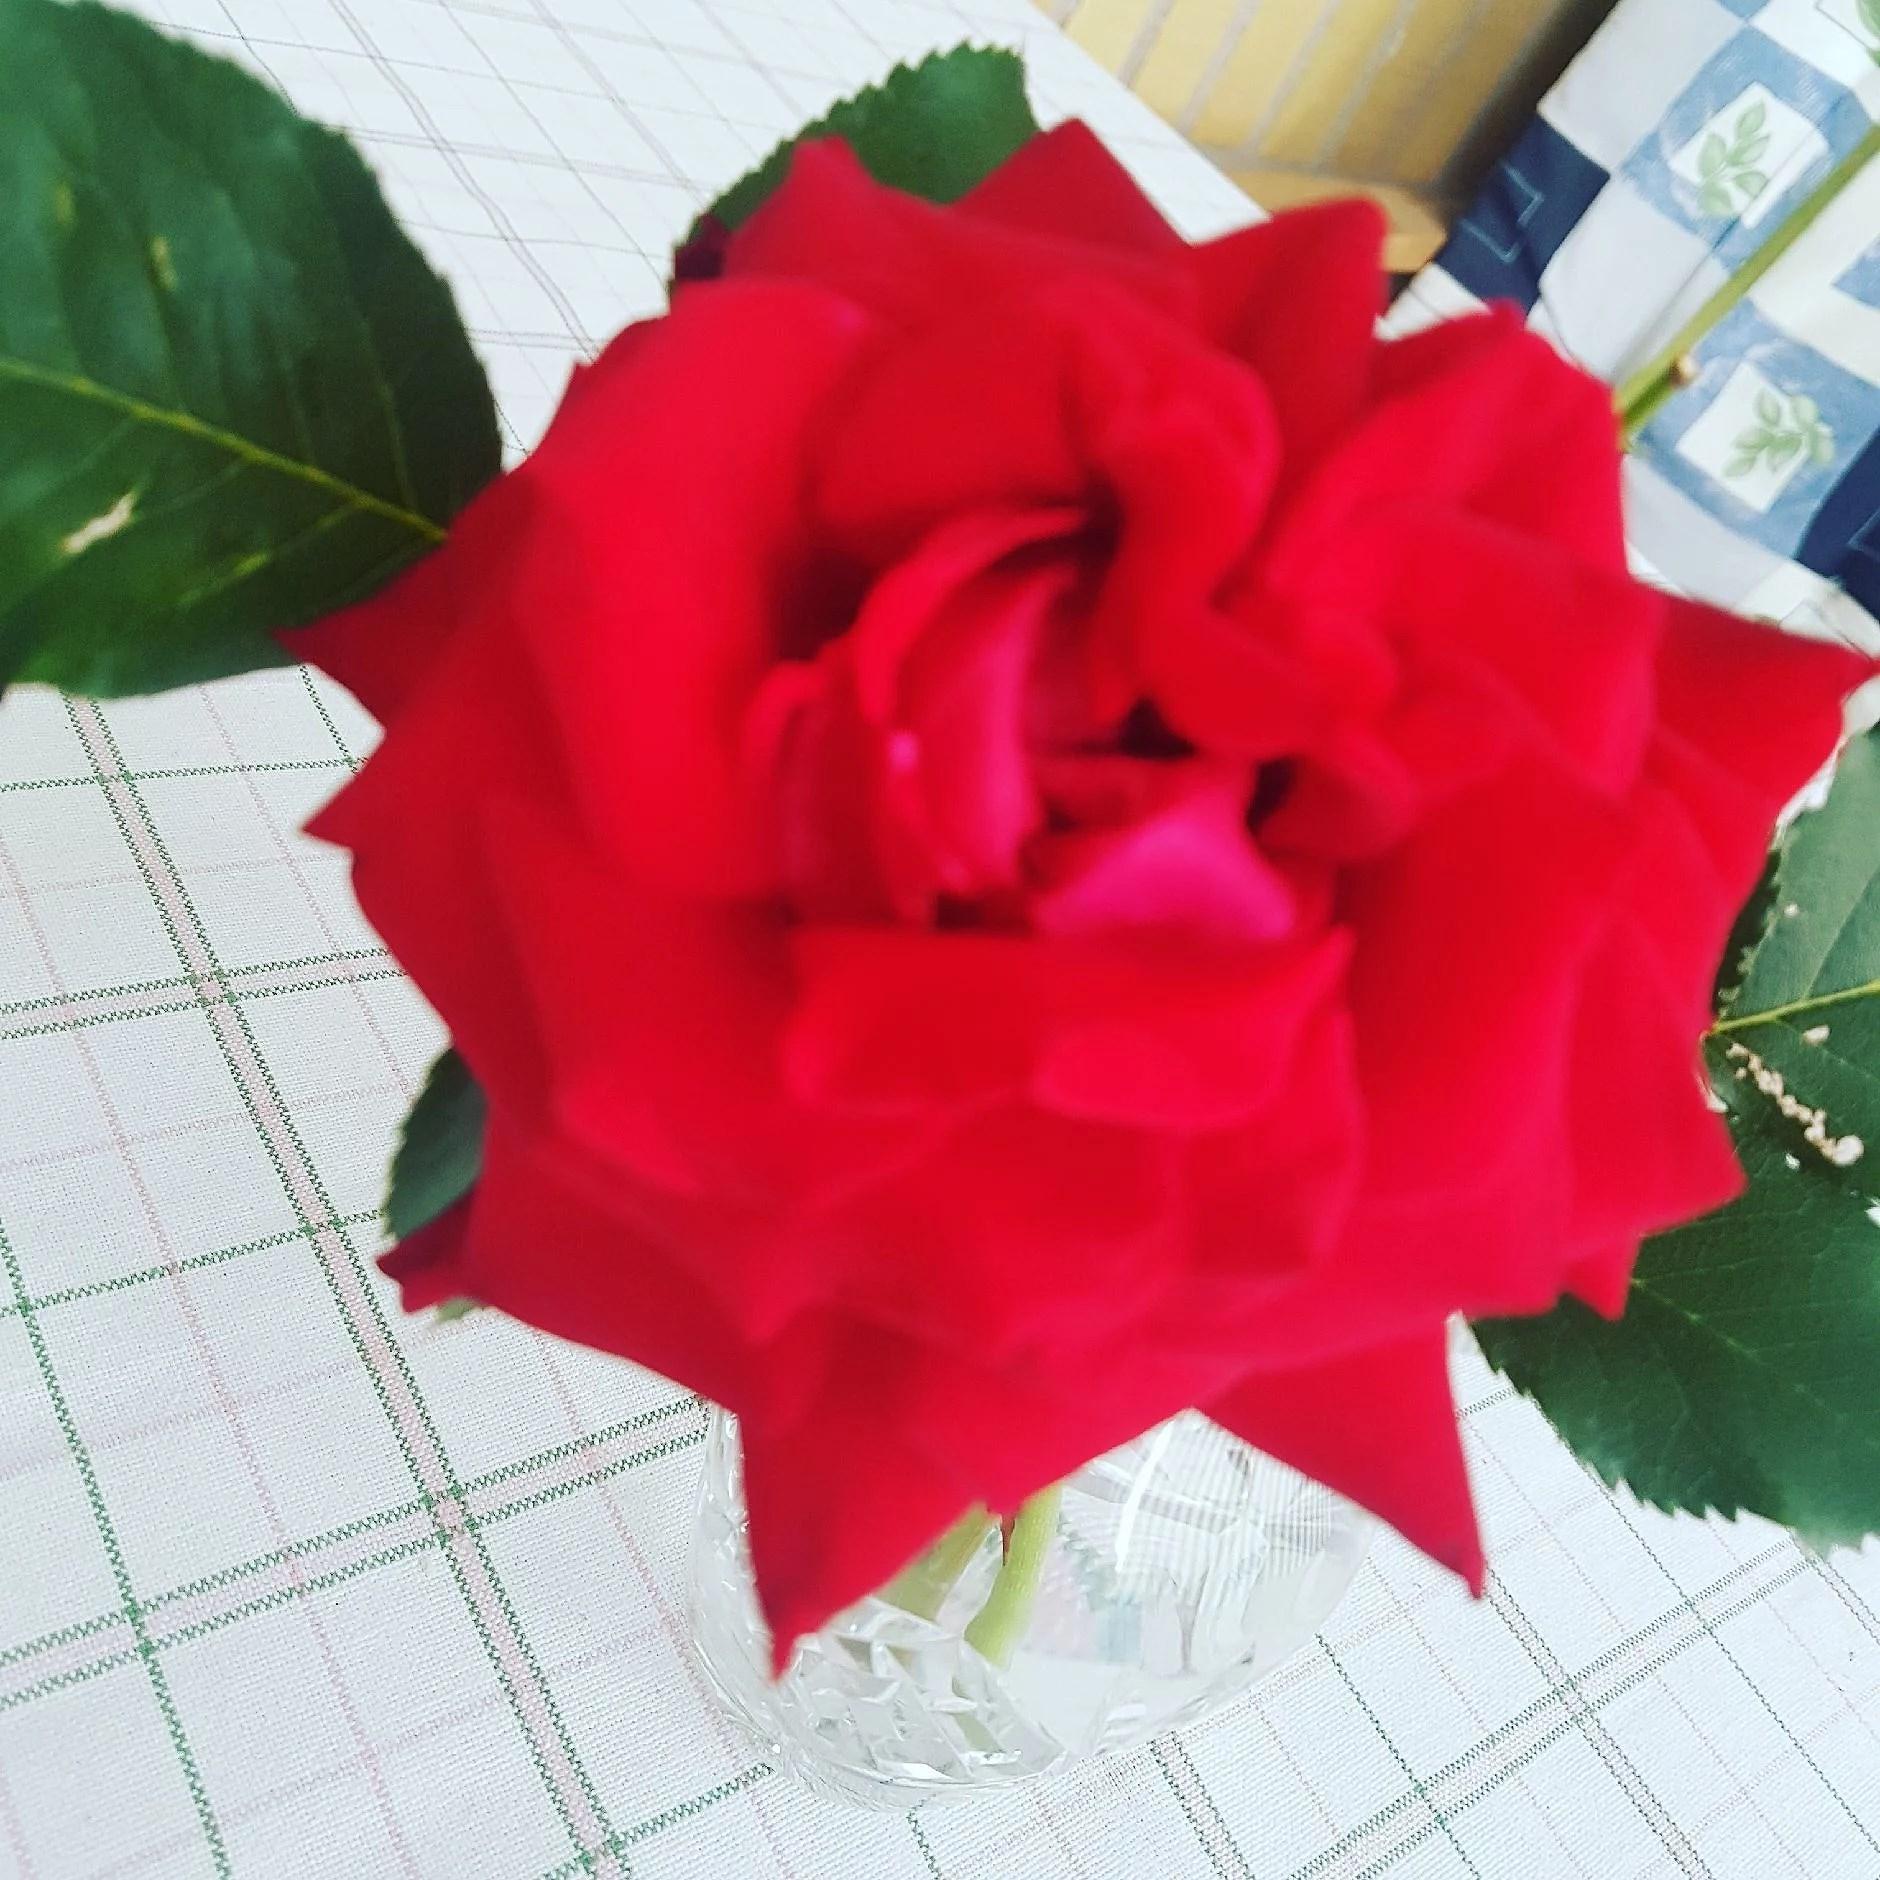 Kopiera - 💕 Helgen 💕